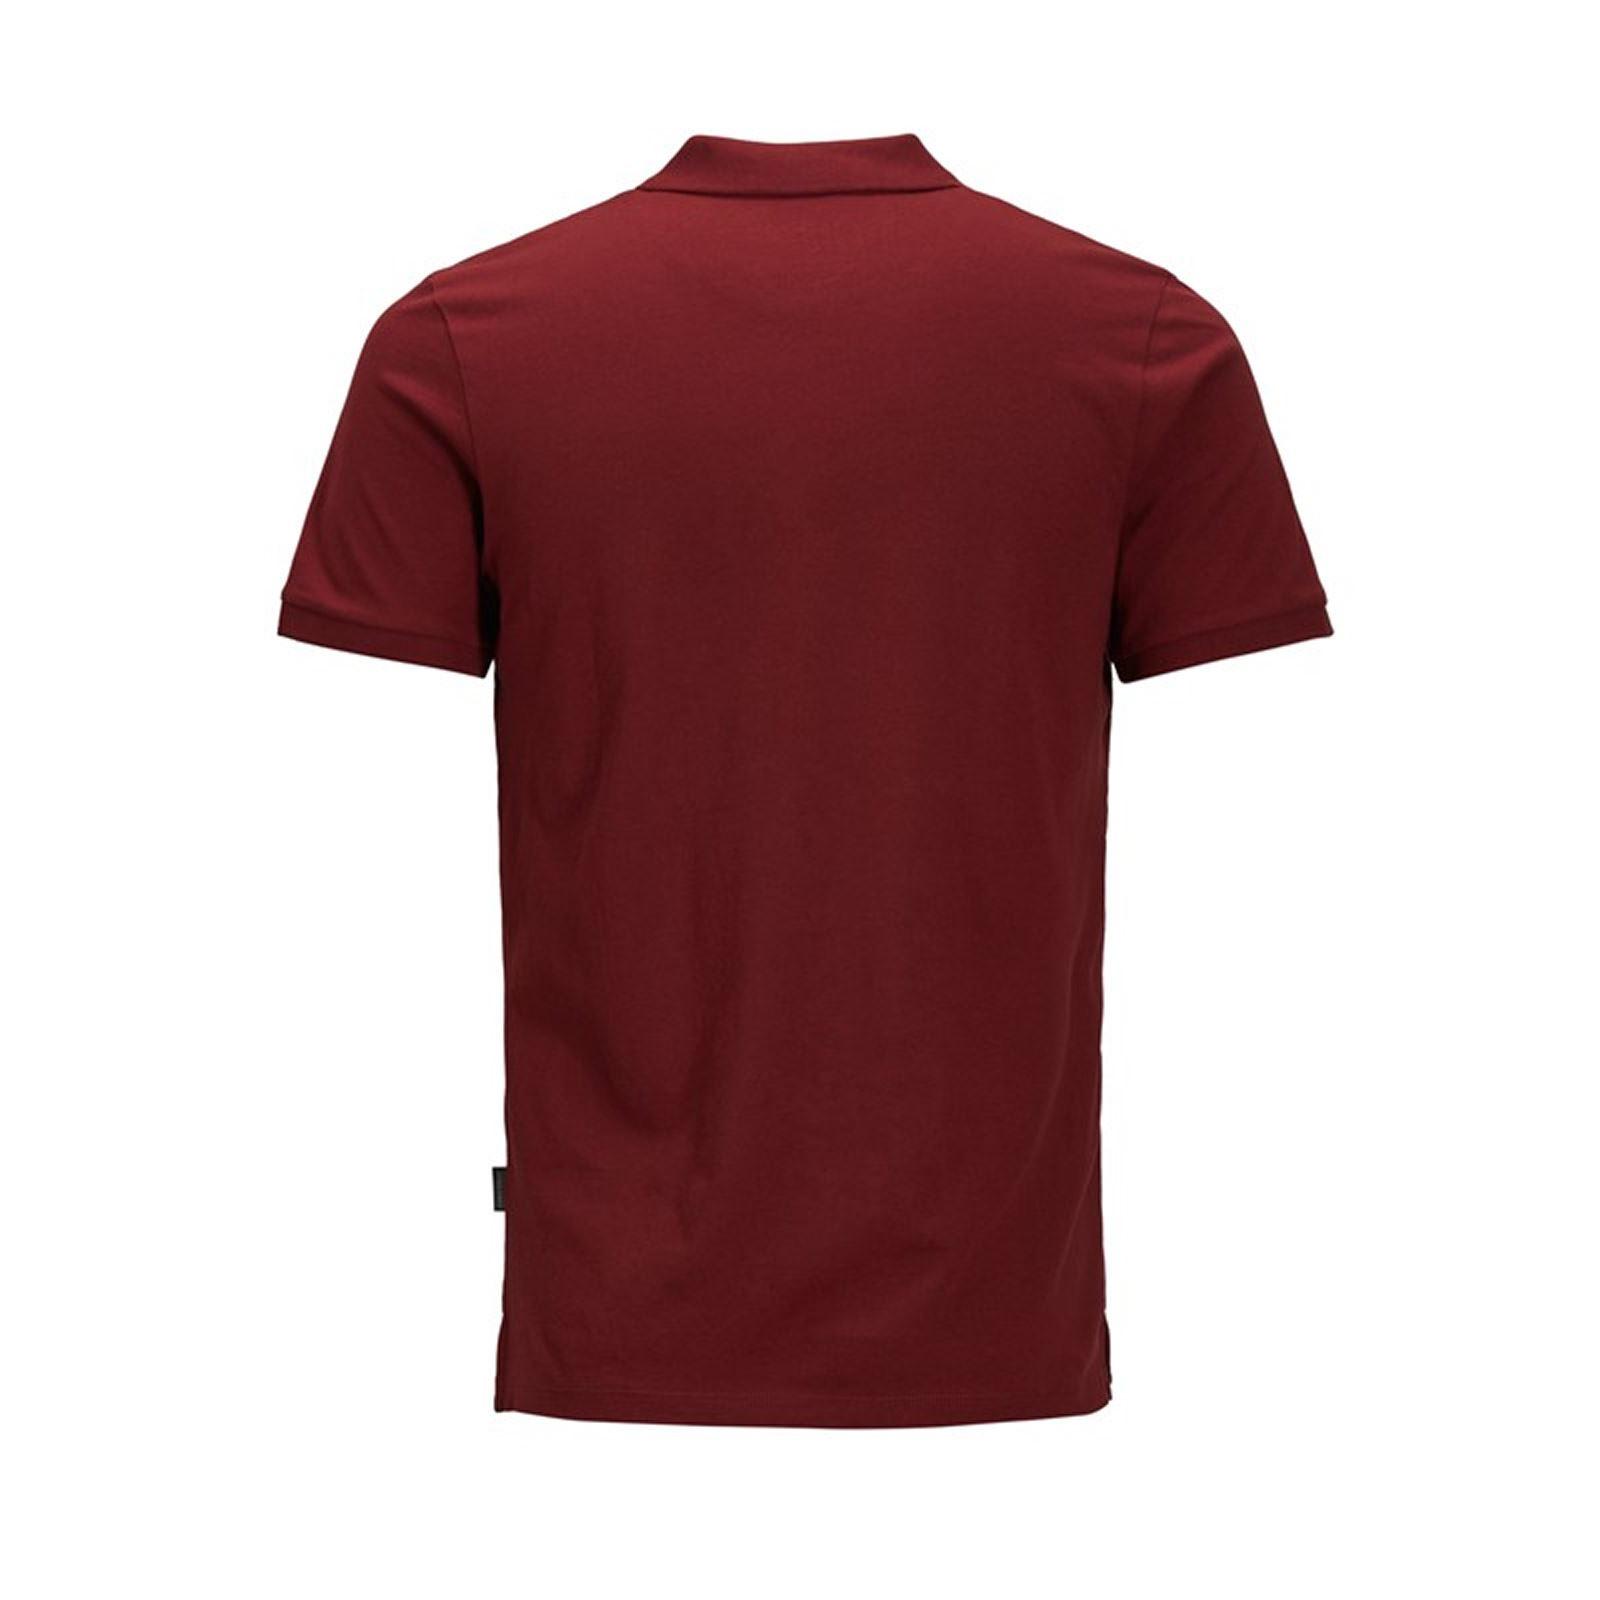 Jack-amp-Jones-Jet-Homme-Polo-T-Shirt-Jersey-Manches-Courtes-Col-Haut-Decontracte miniature 7